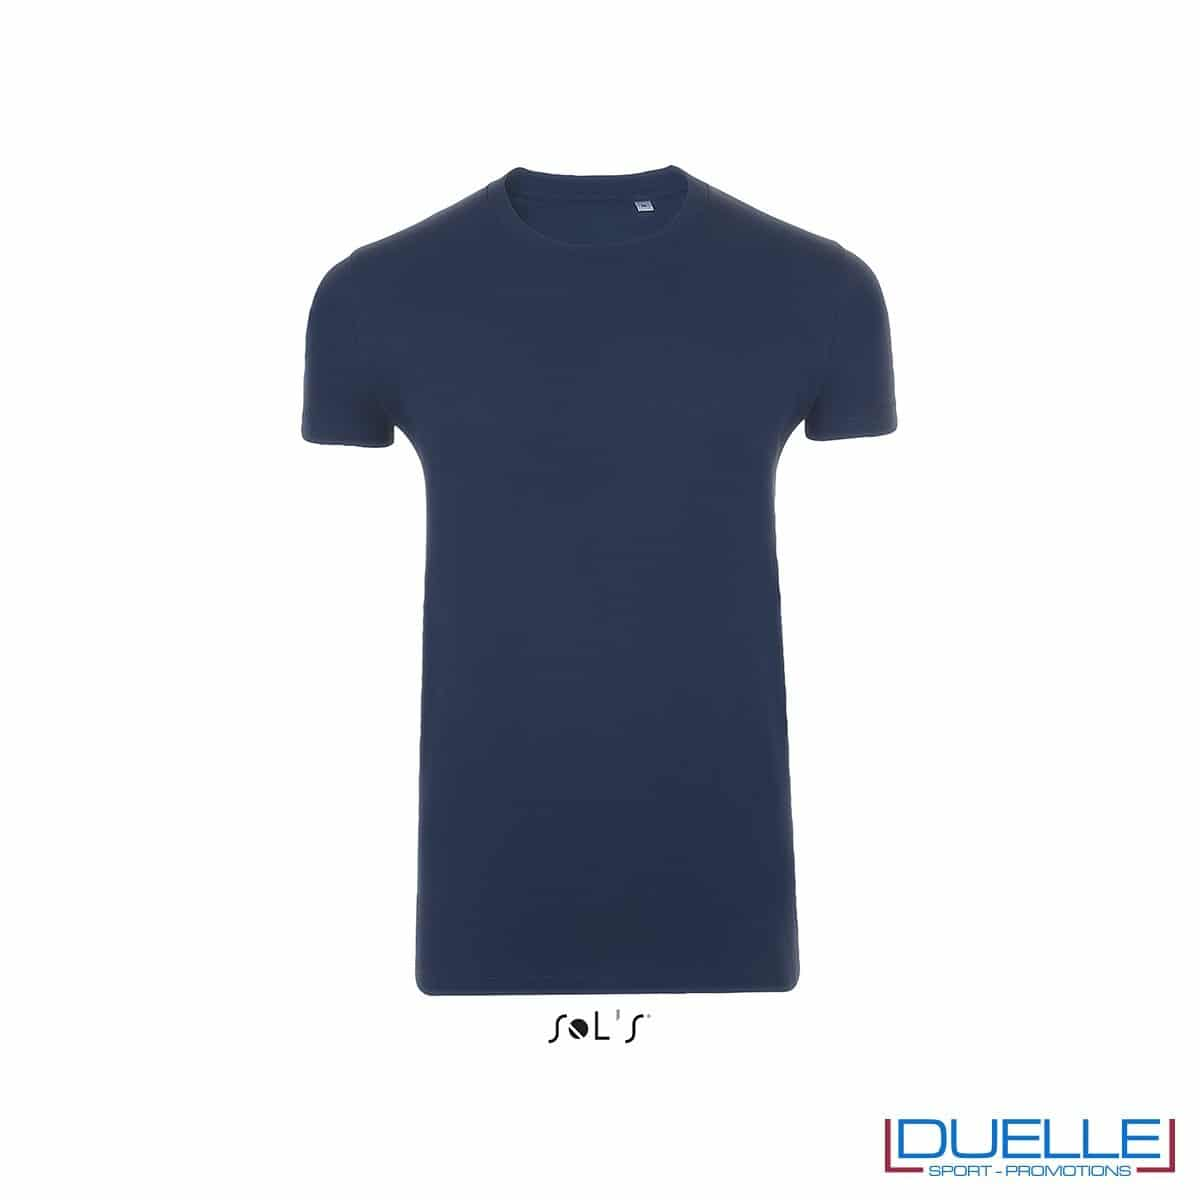 T-shirt uomo slim fit in cotone pesante colore blu oltremare